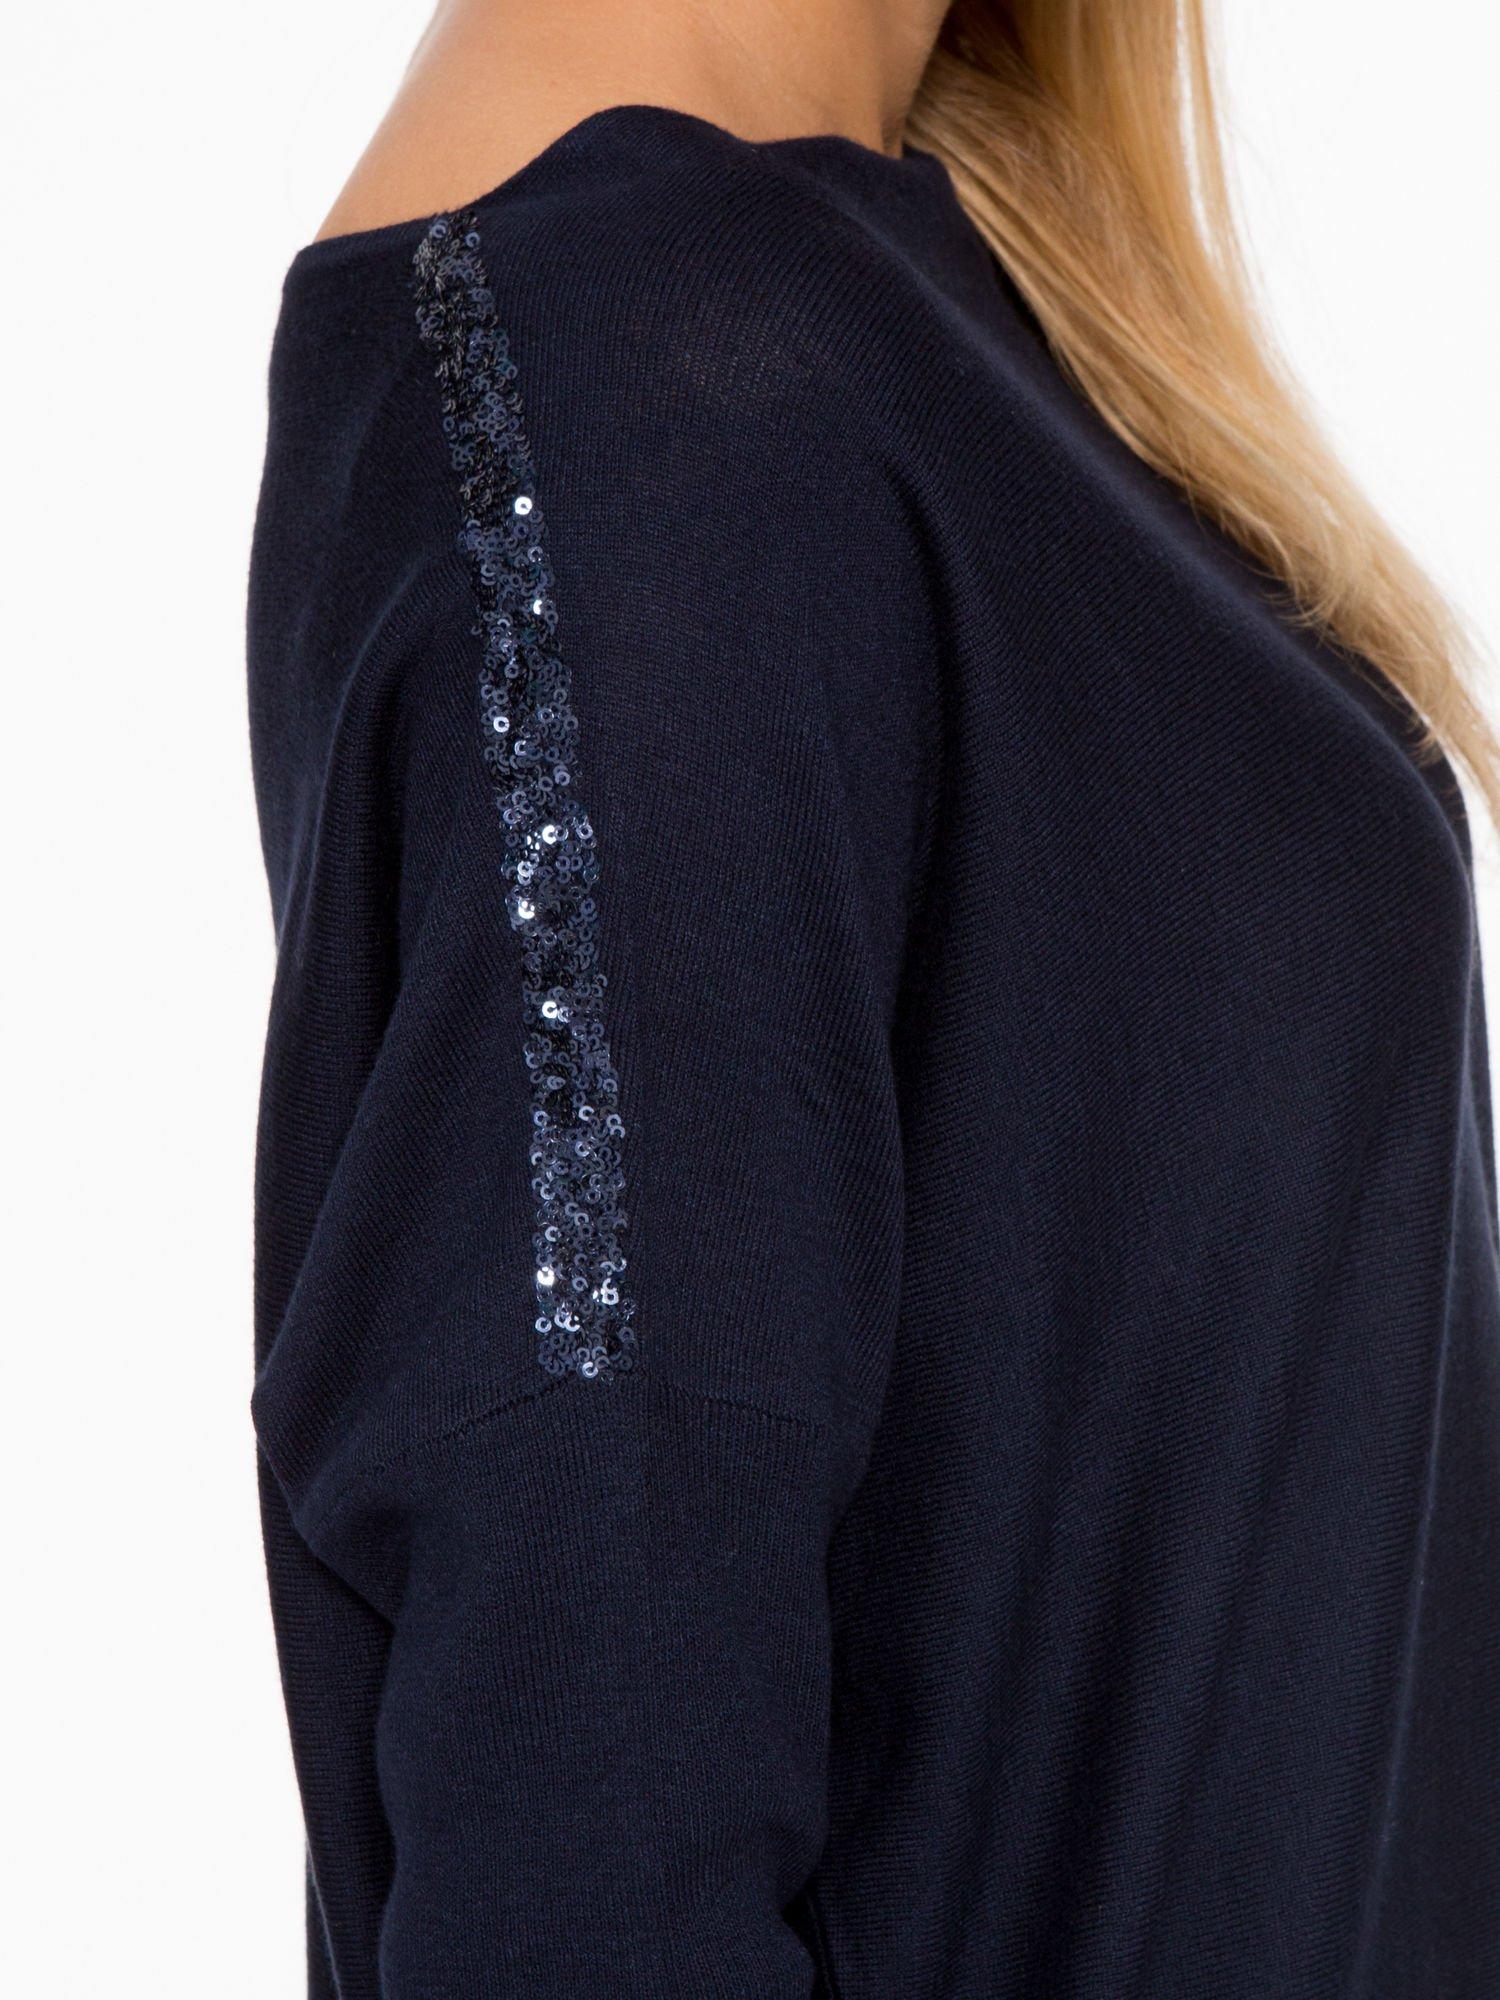 Granatowy sweter o nietoperzowym kroju z cekinową aplikacją na rękawach                                  zdj.                                  8